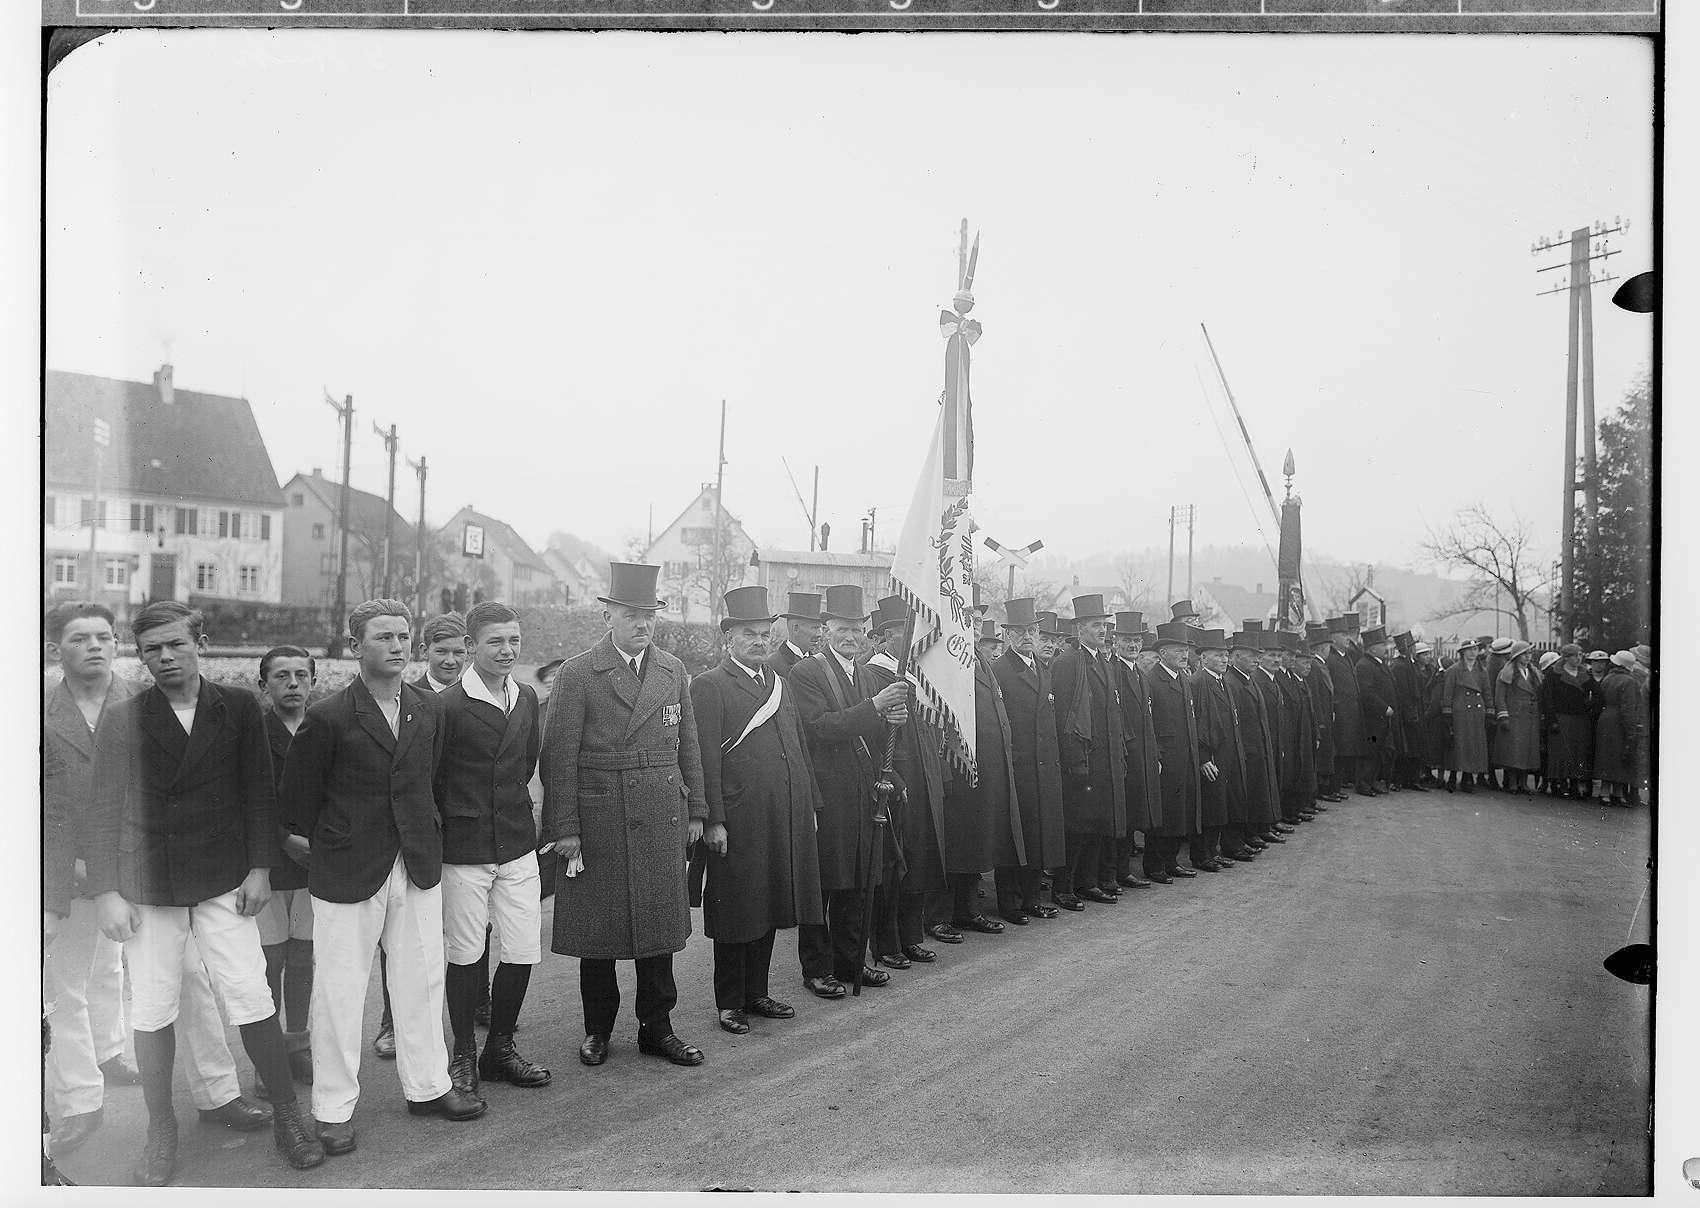 Primizfeier Ruf-Eisele in Sigmaringendorf 1936; Zuschauer in der Hauptstraße; Blick in Richtung Bahnübergang, Bild 1